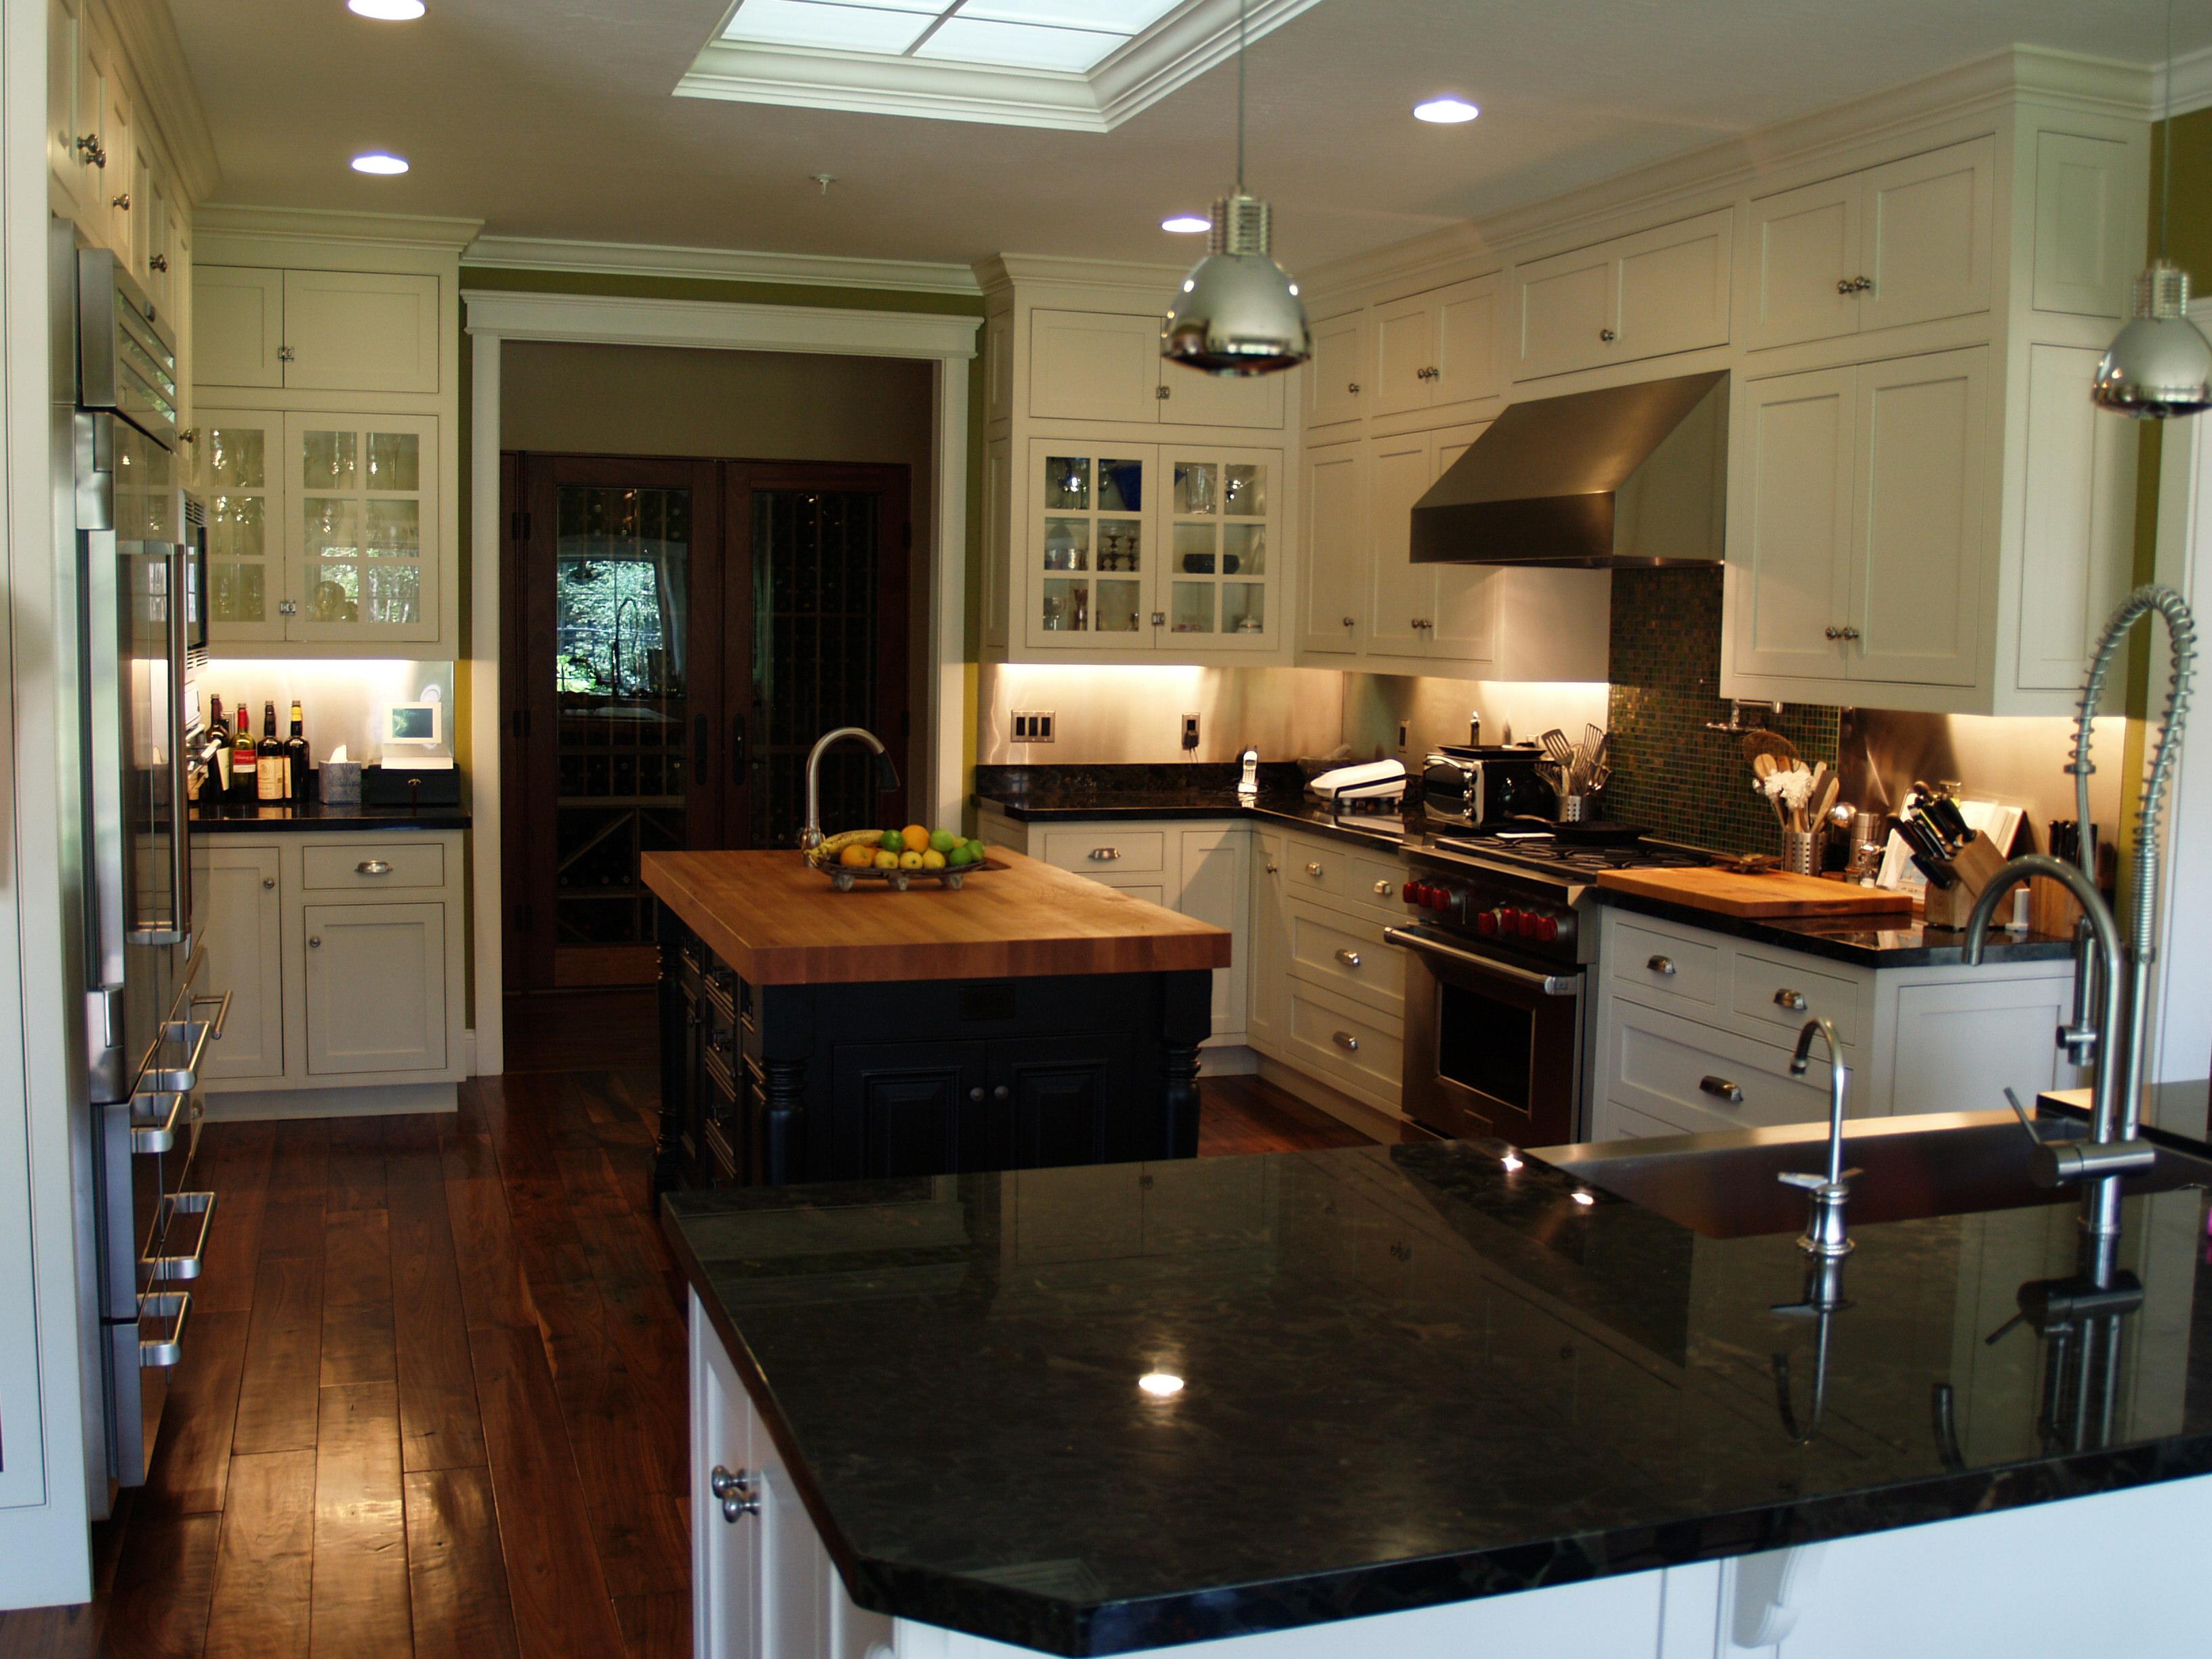 kitchen_H1.JPG